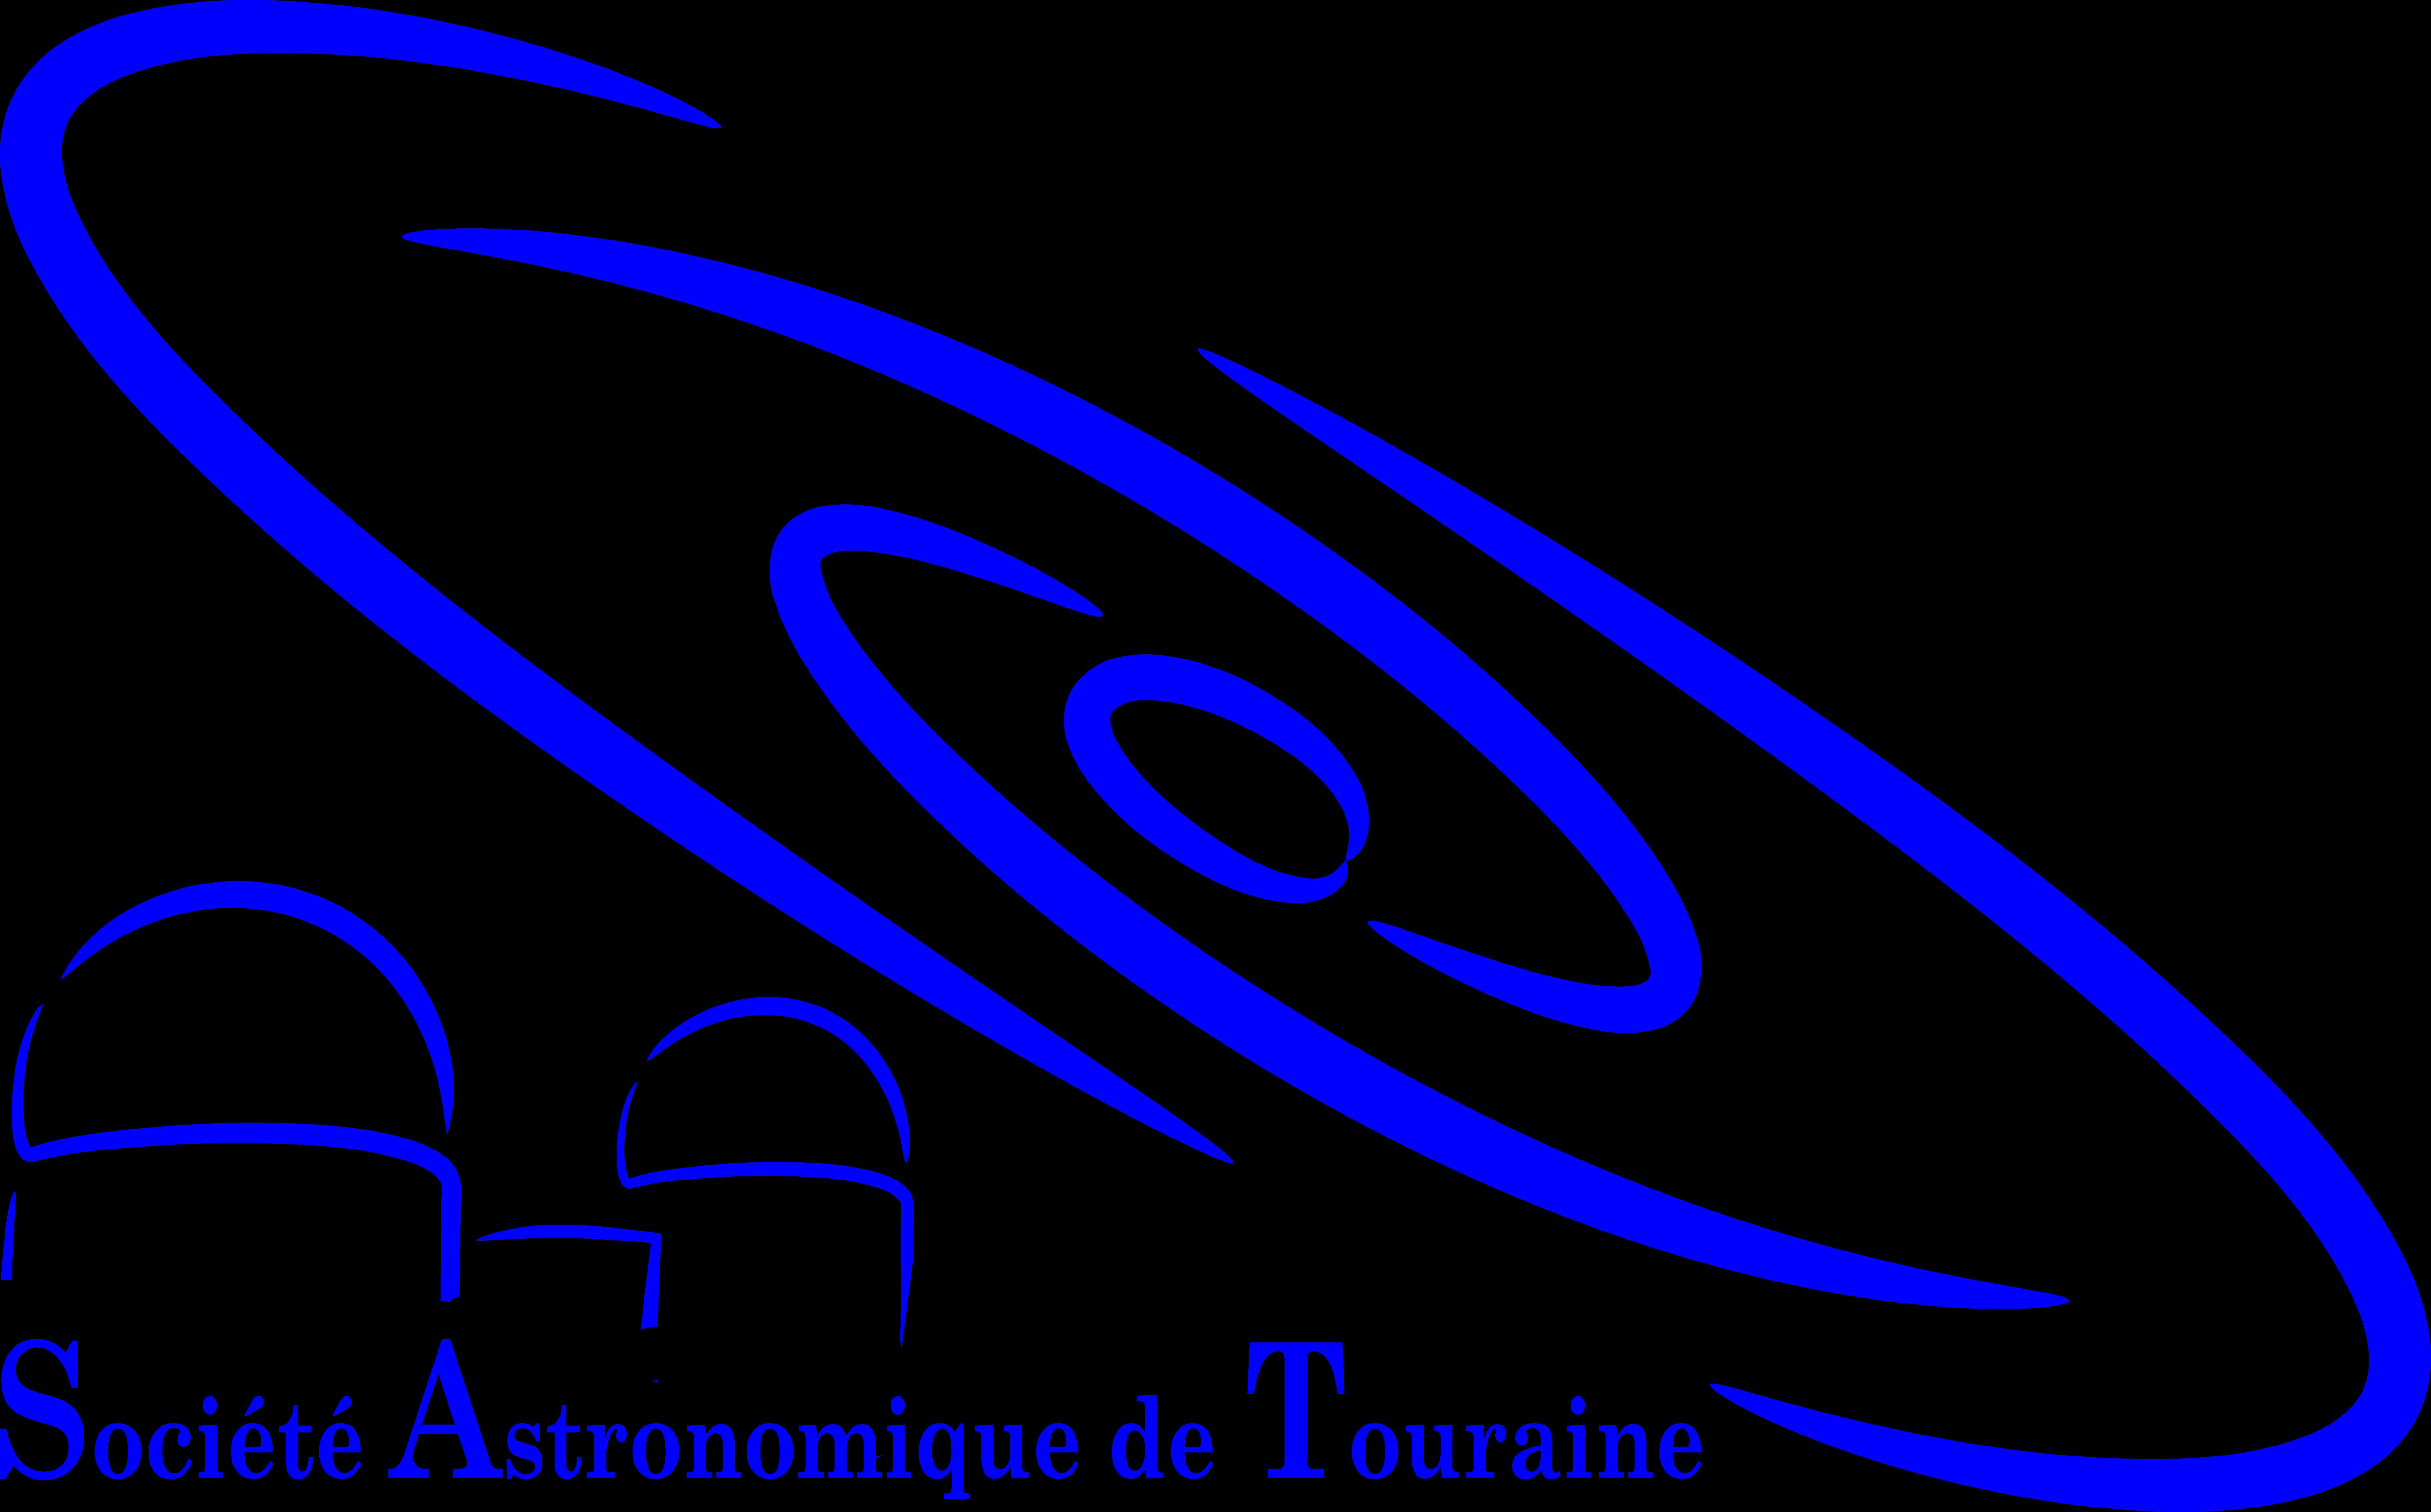 Société Astronomique de Touraine